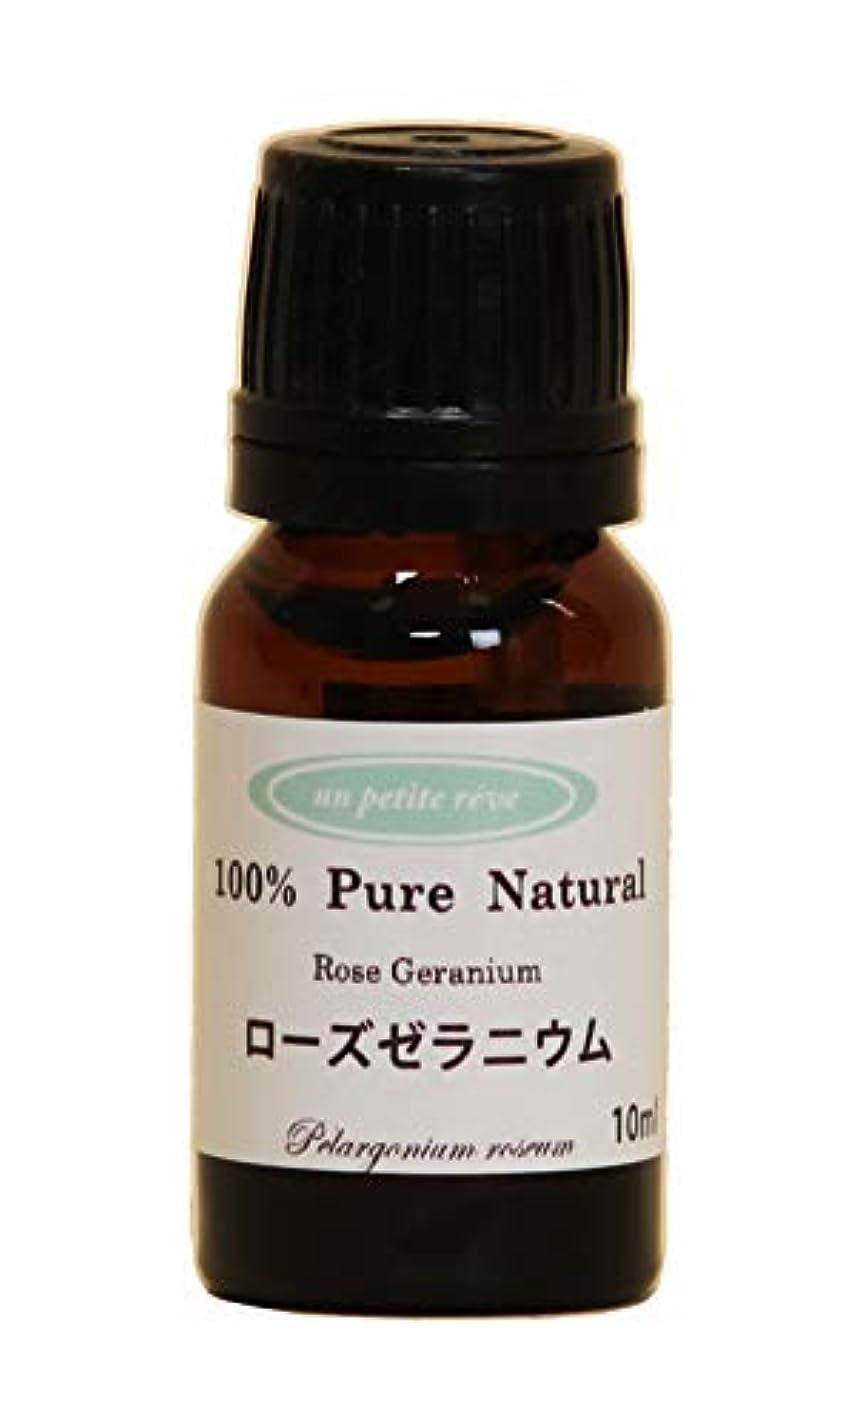 広まった病んでいる毒液ローズゼラニウム 10ml 100%天然アロマエッセンシャルオイル(精油)